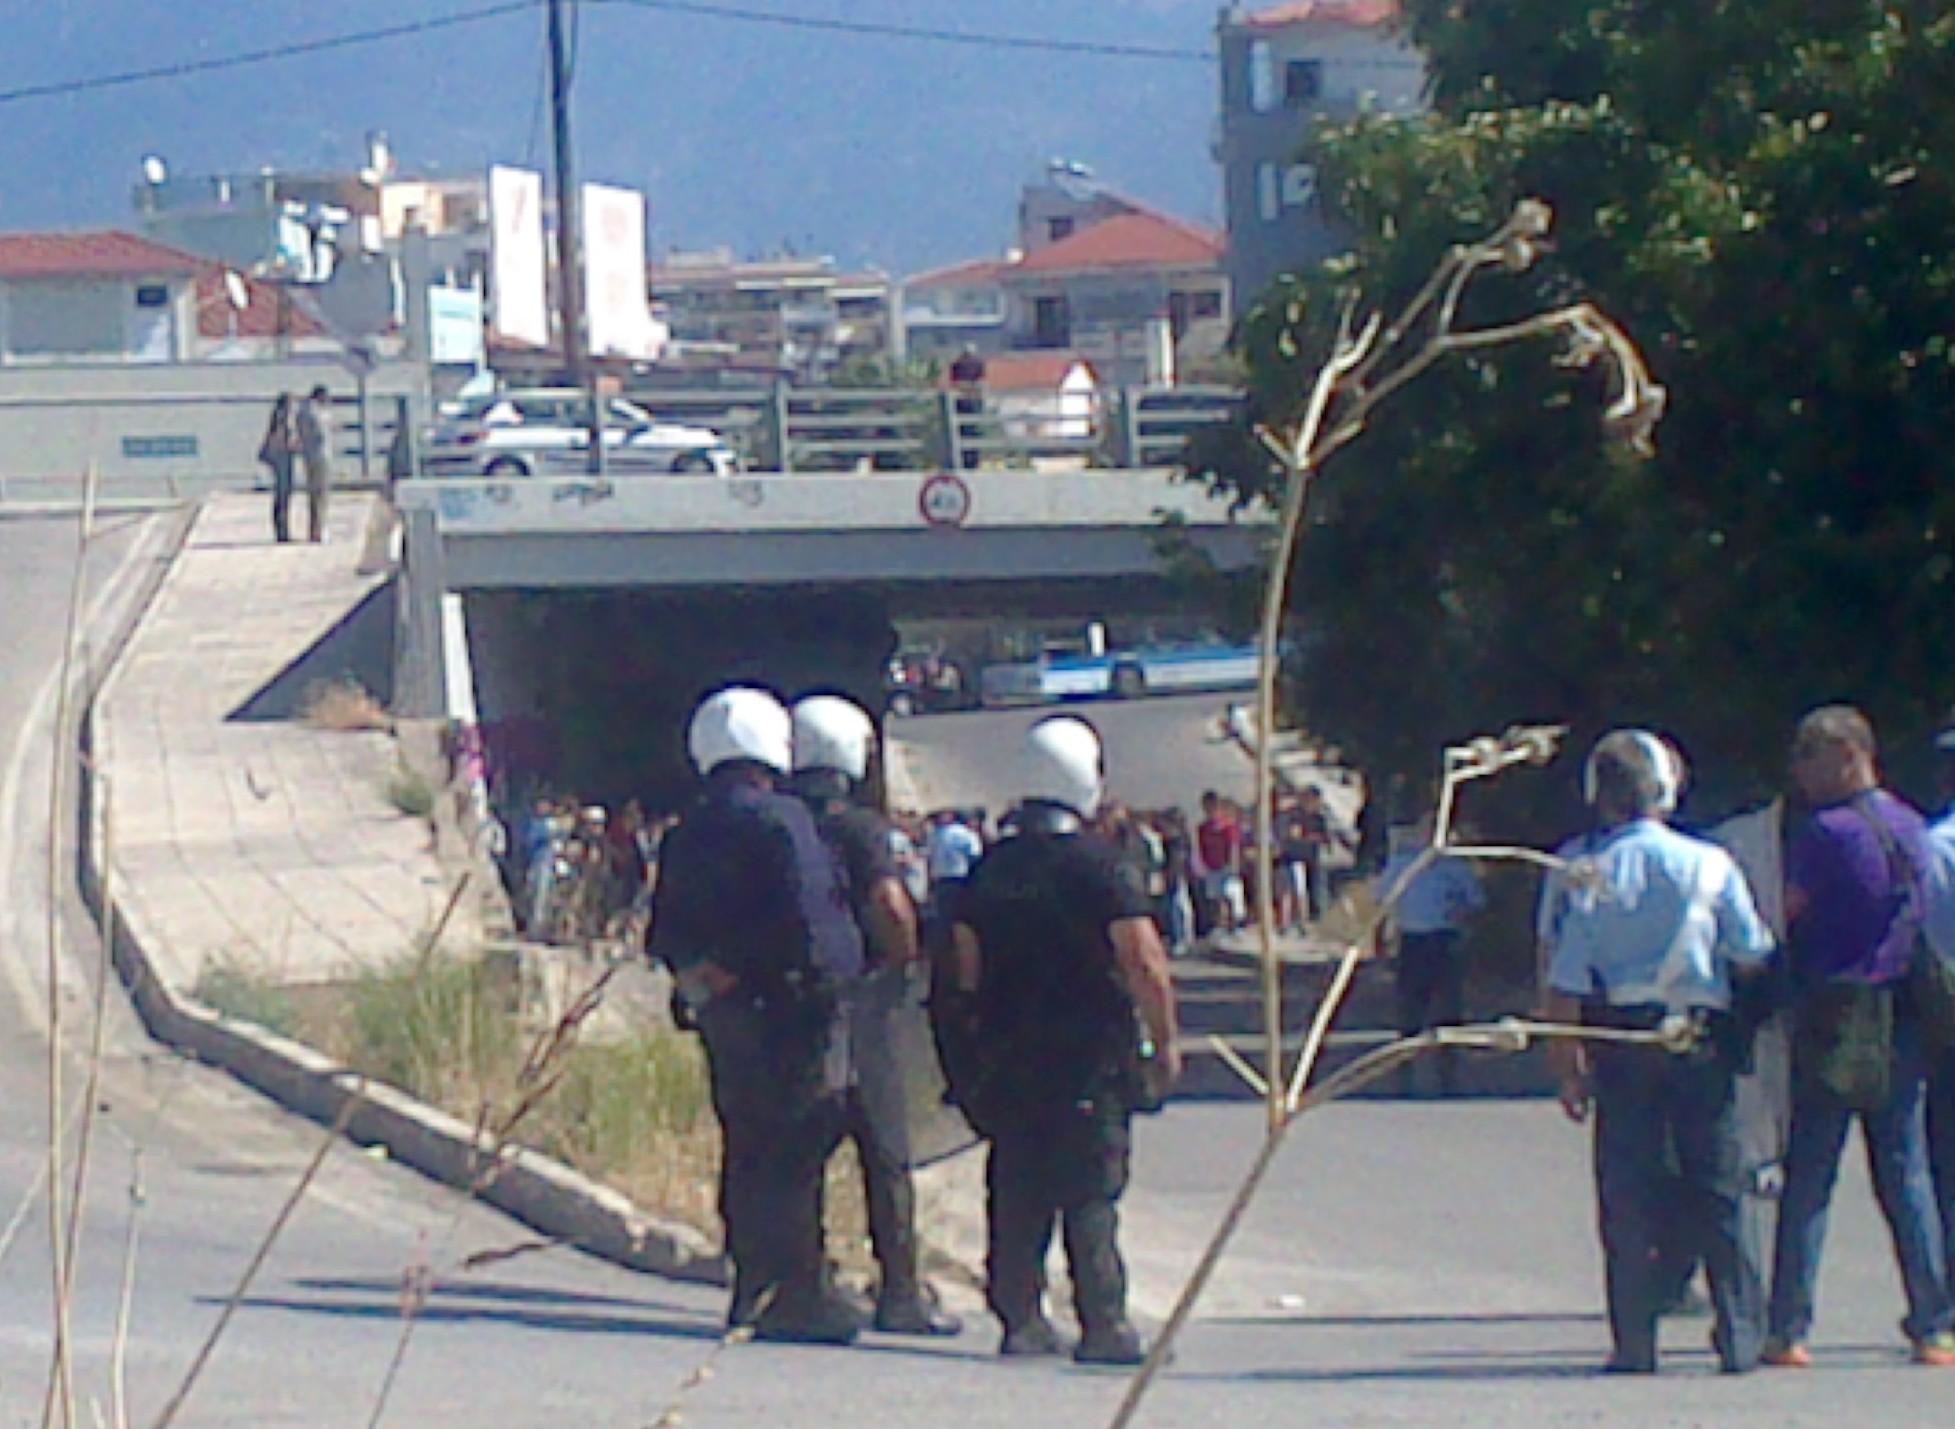 Απέναντι από την Αστυνομία  η μαθητική-αντιφασιστική πορεία